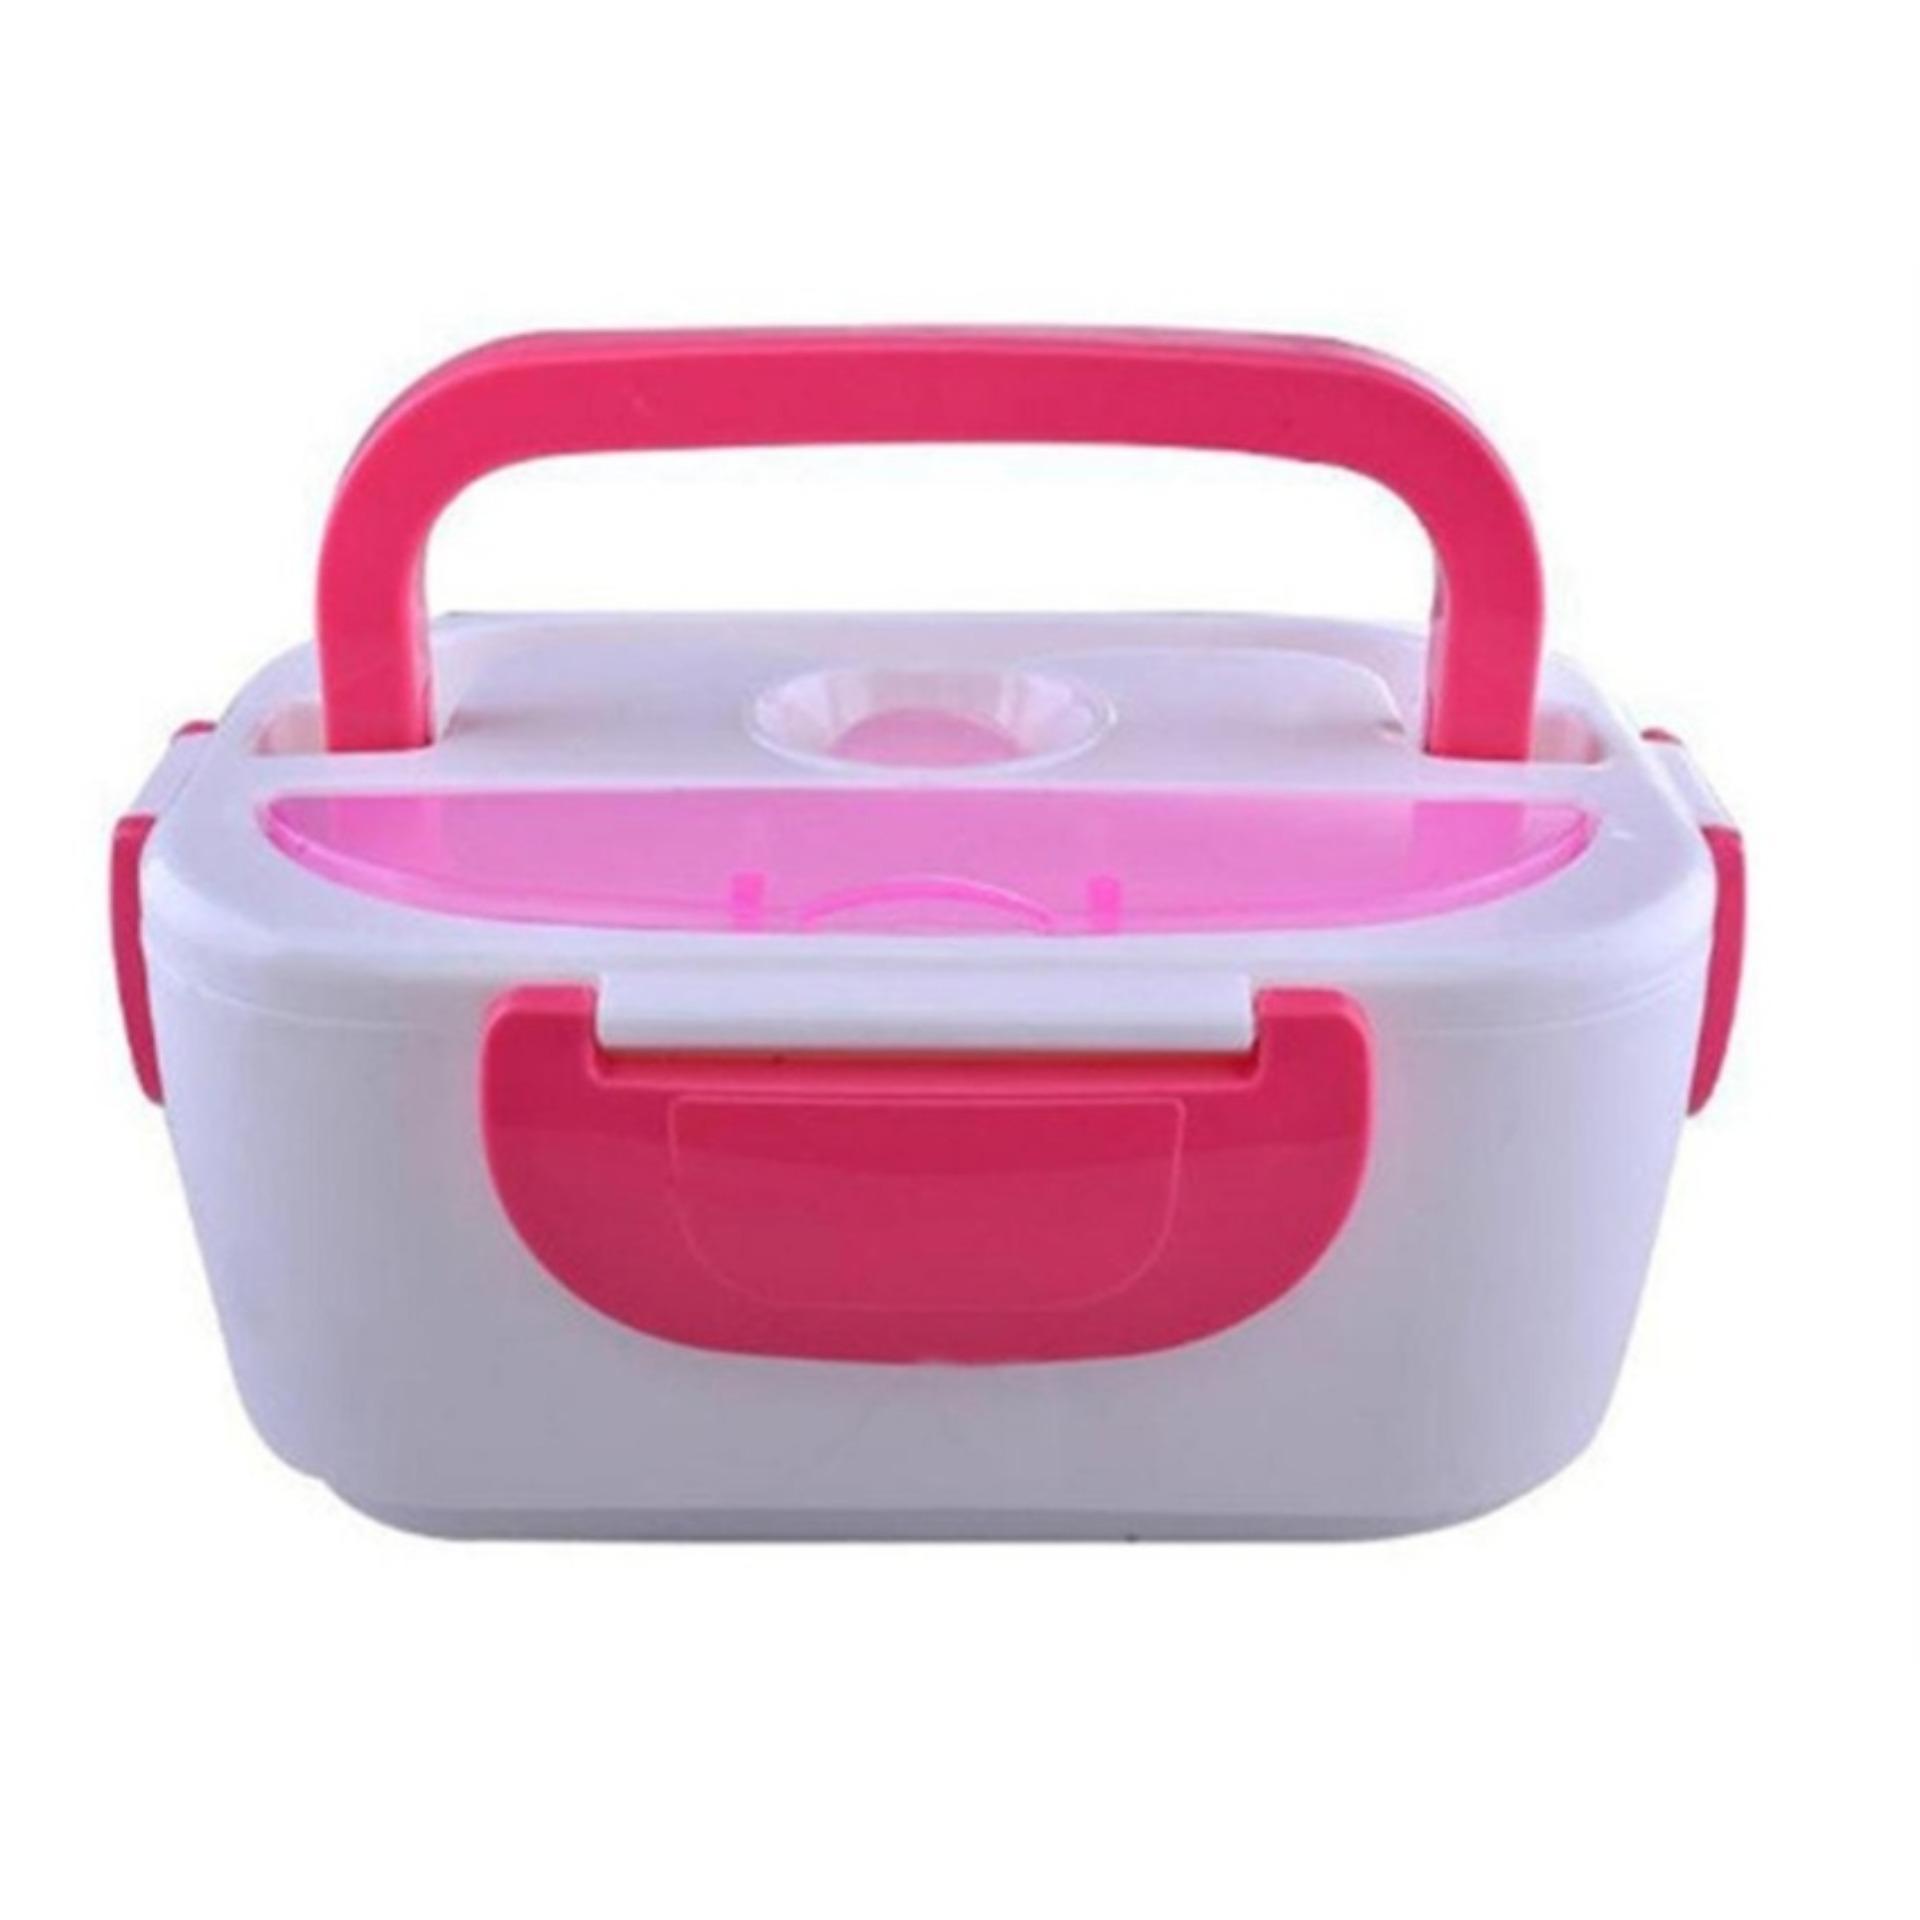 Power Lunch Box Kotak Makan Penghangat Makanan Spec Dan Daftar Lion Star Xena 1111 Film Sb 42 Electric Pink